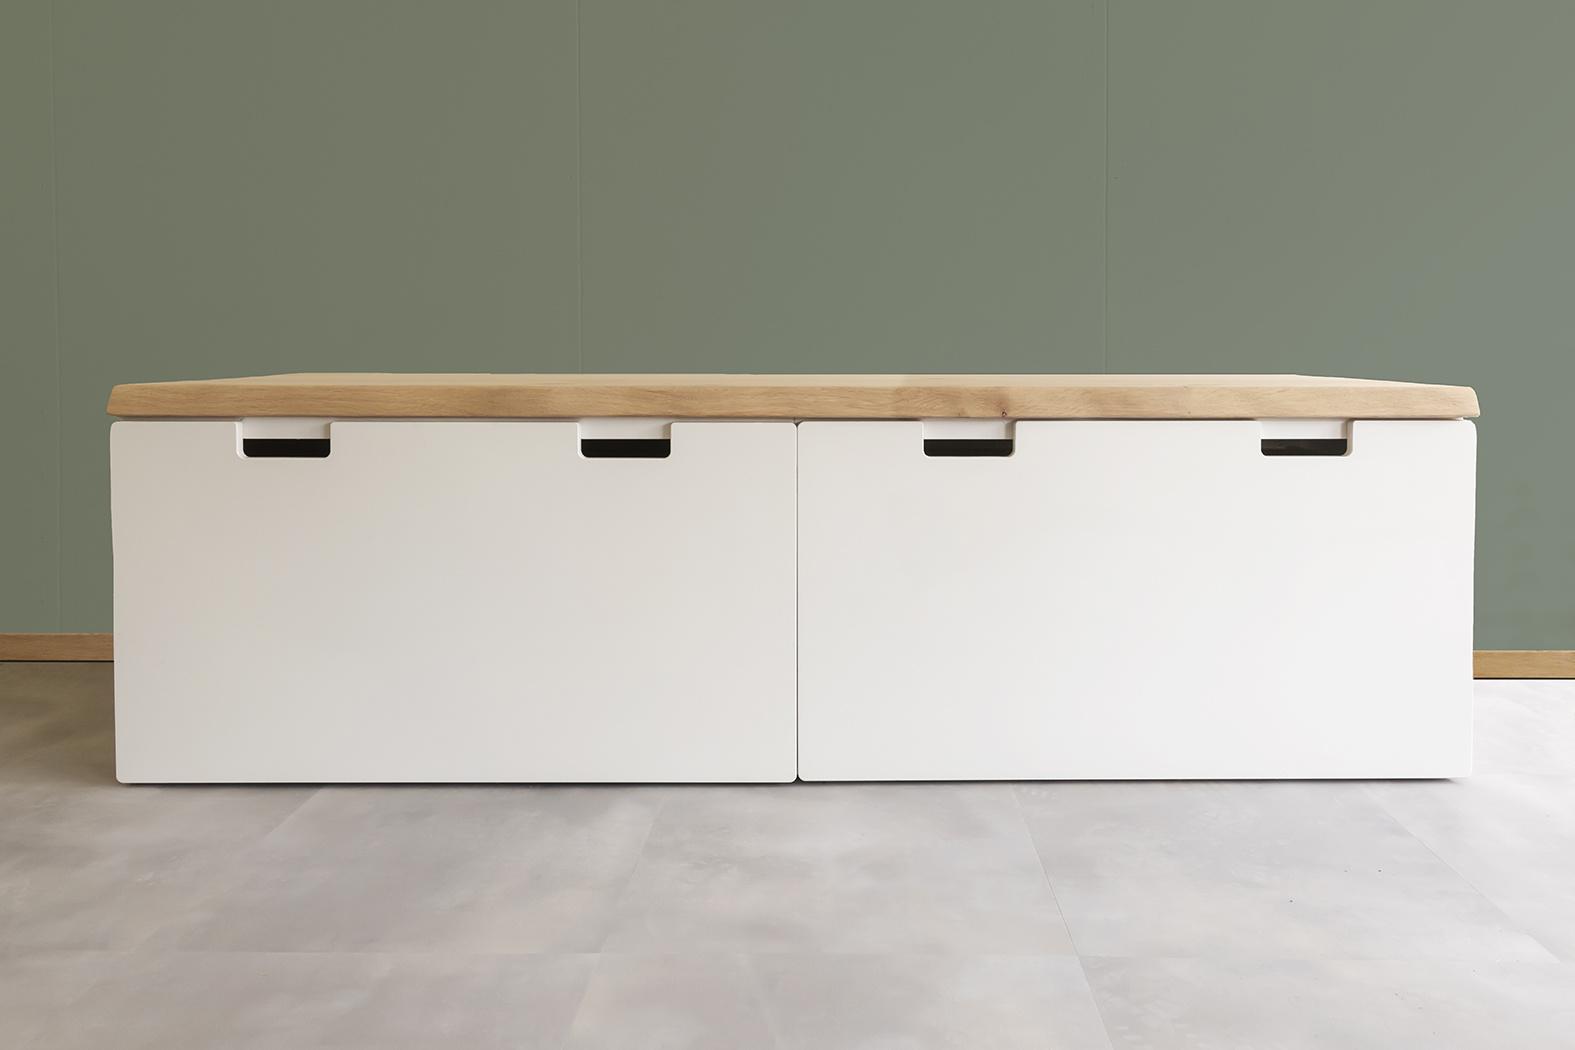 Smastad plank IKEA